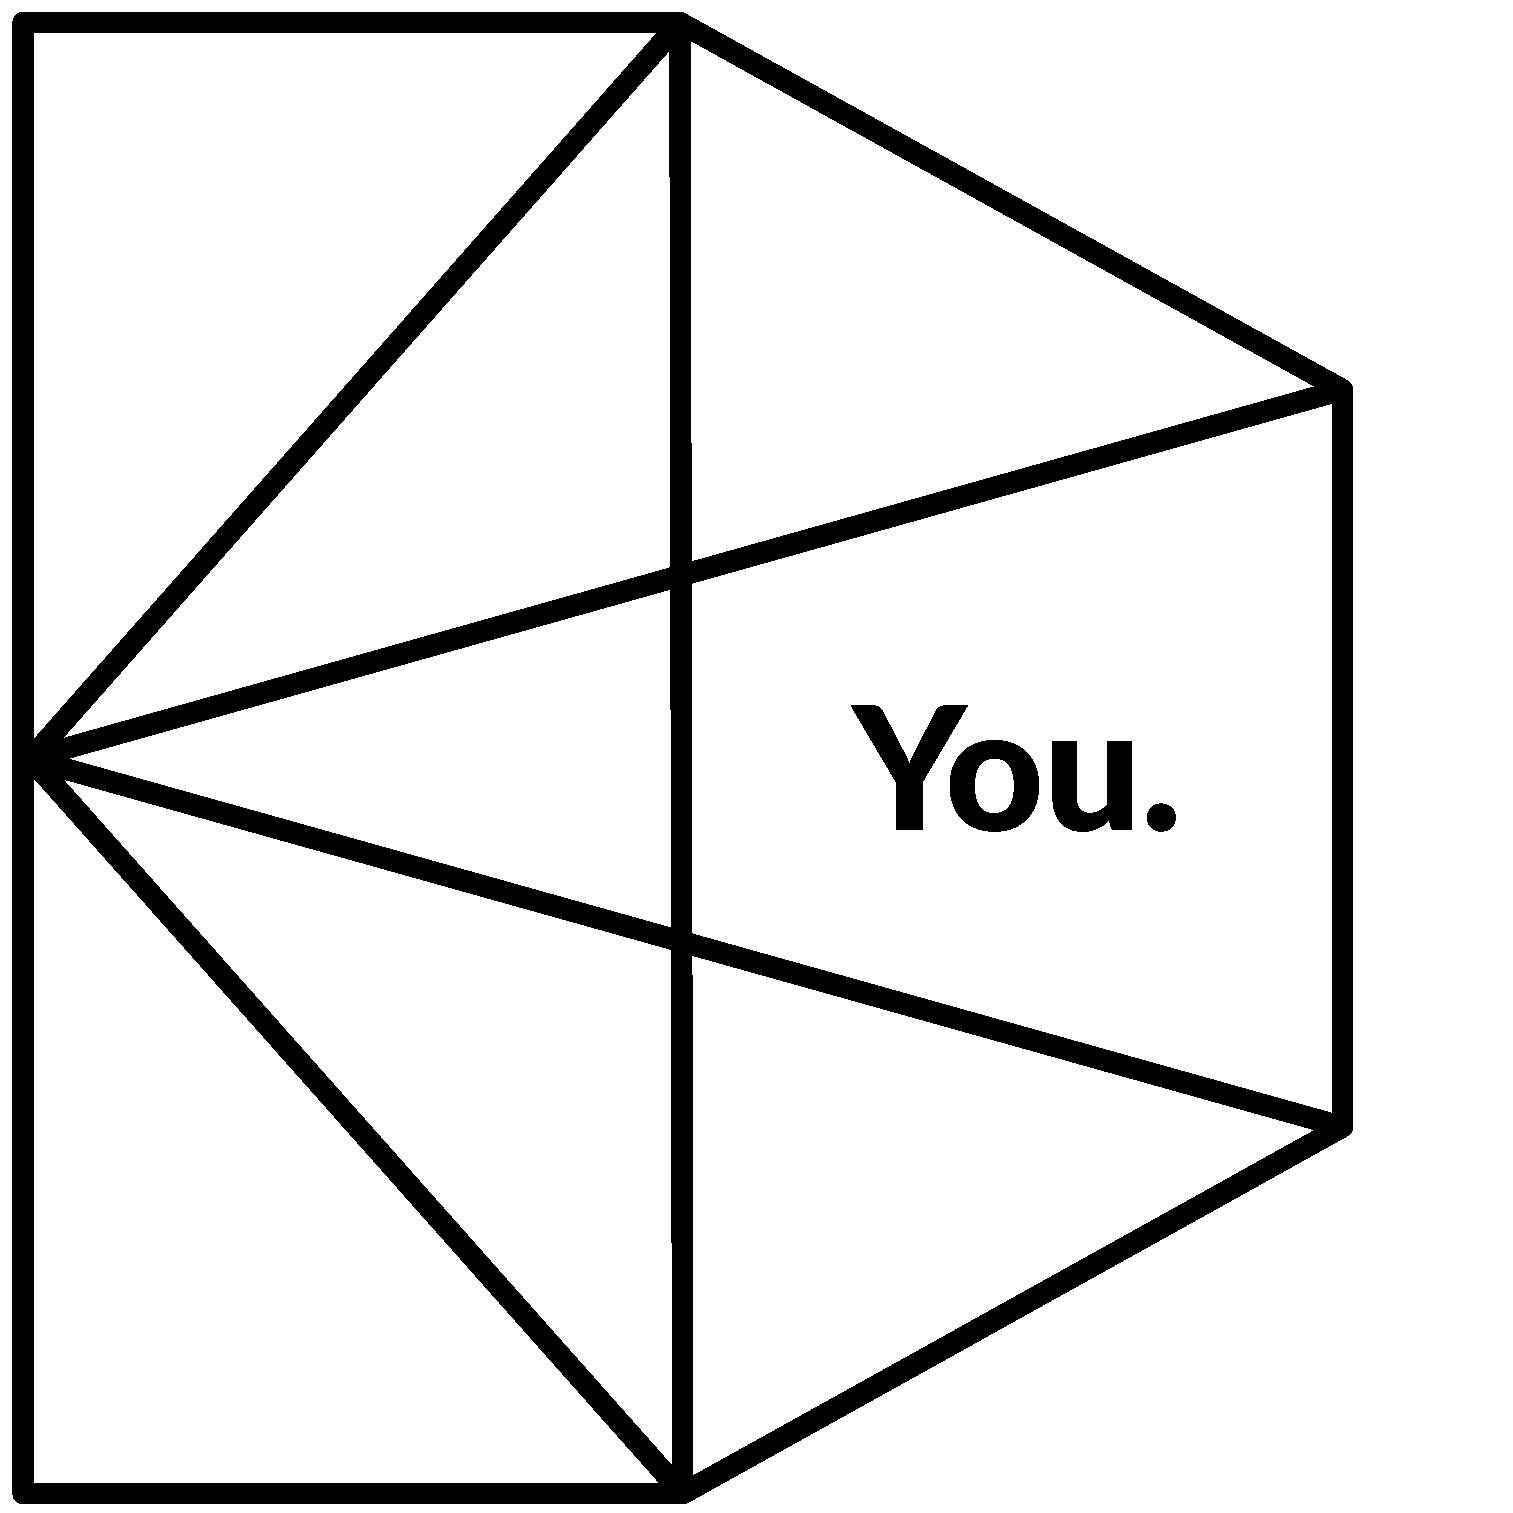 diagram_you-03.png